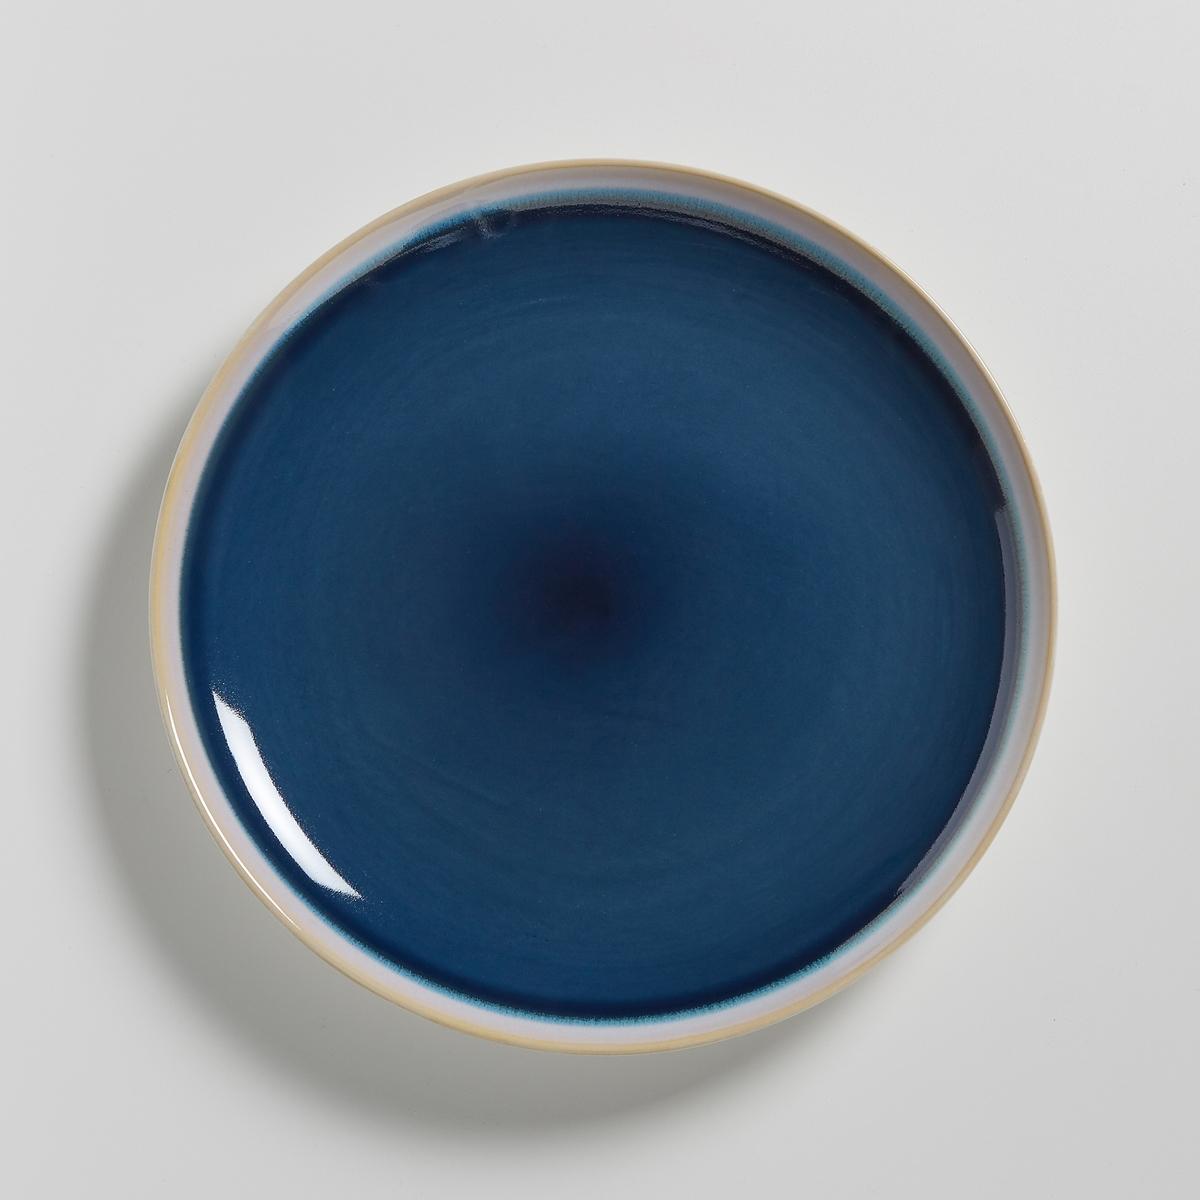 4 плоских тарелок из керамики, D?onieХарактеристики 4 плоских тарелок из керамики D?onie  :- Плоские тарелки из керамики    - Диаметр : 27 см - Подходят для использования в микроволновой печи и посудомоечной машине  - Продаются в комплекте из 4 штукНайдите комплект посуды D?onie на нашем сайте .<br><br>Цвет: зеленая мята,синий<br>Размер: единый размер